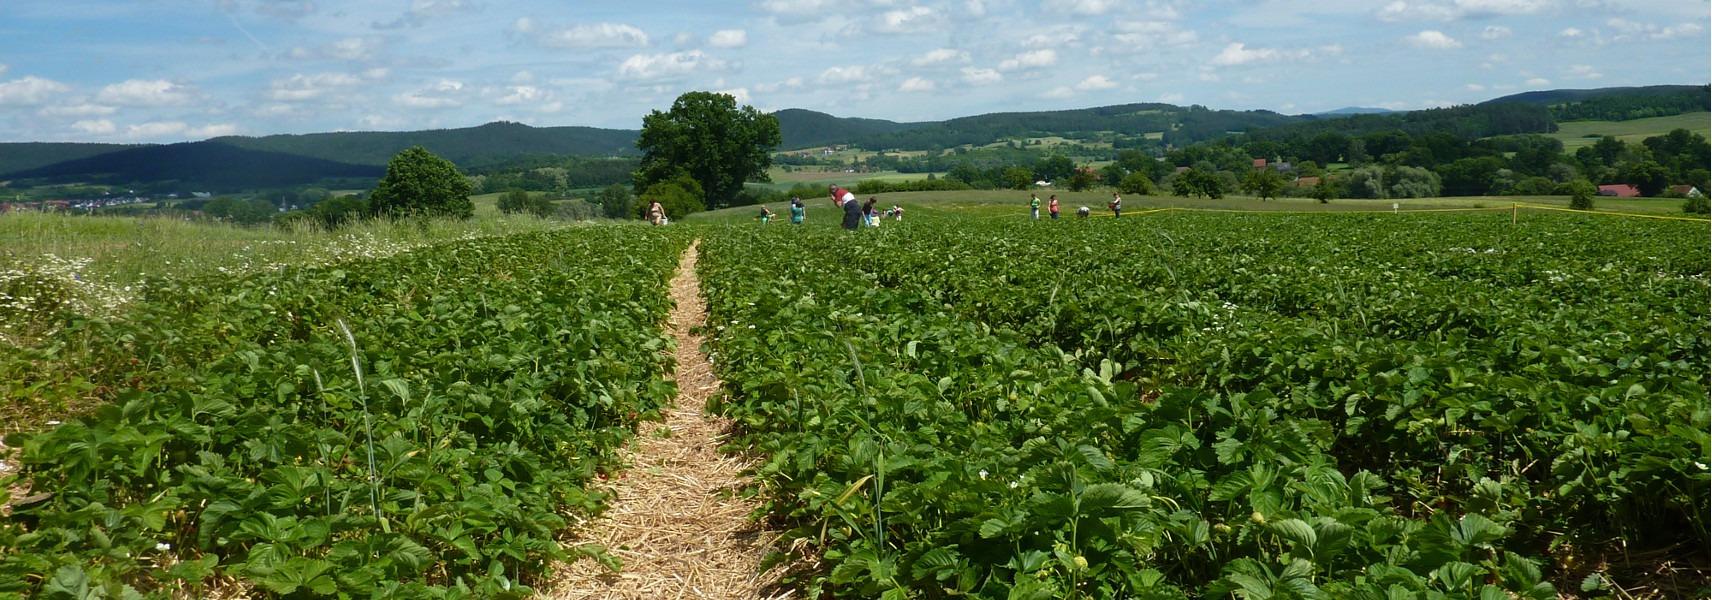 Das Erdbeerfeld zum Selbstpflücken in Partenfeld umgeben von Natur